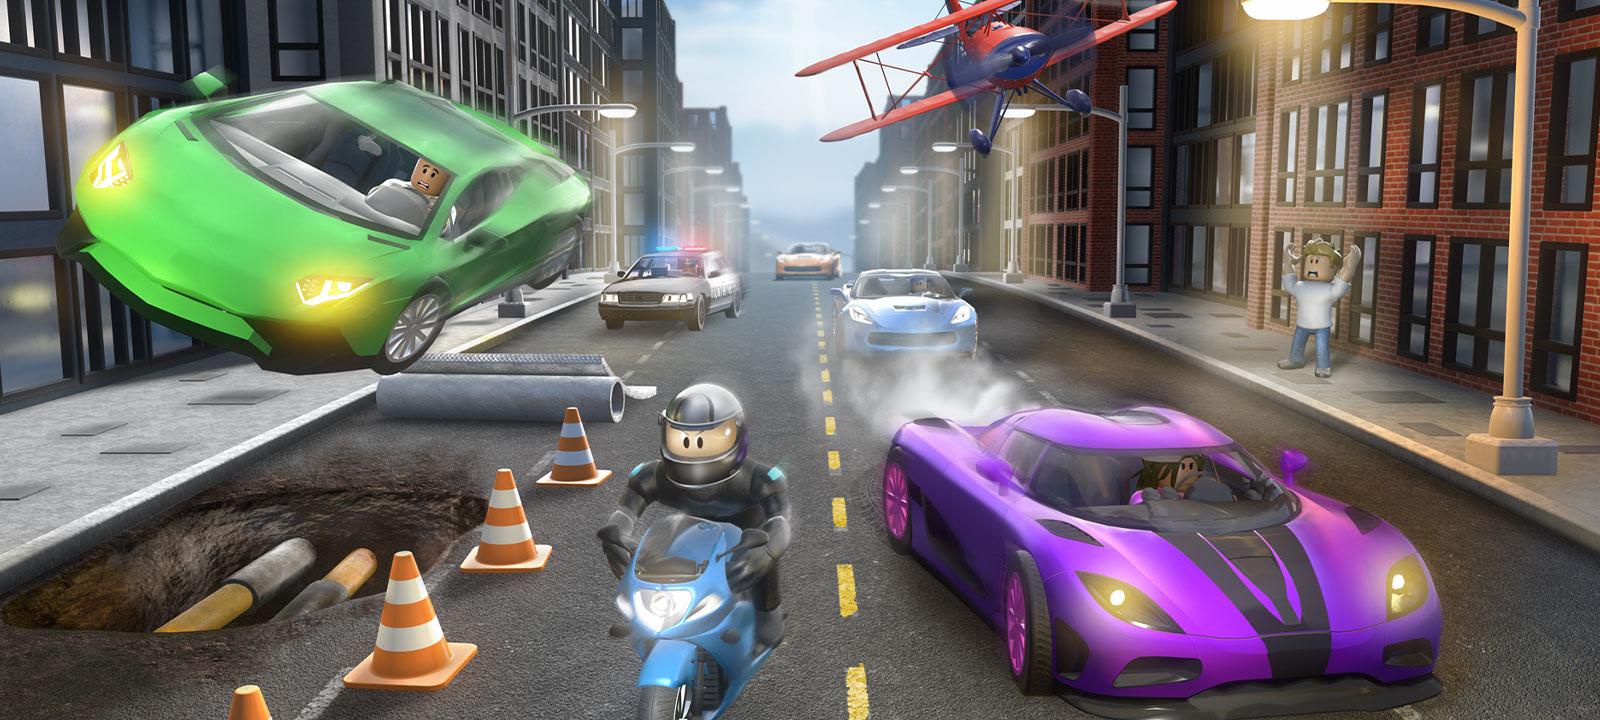 Charakter aus Roblox Vehicle Simulator auf einem Motorrad, das von anderen Fahrzeugen auf einer städtischen Straße verfolgt wird